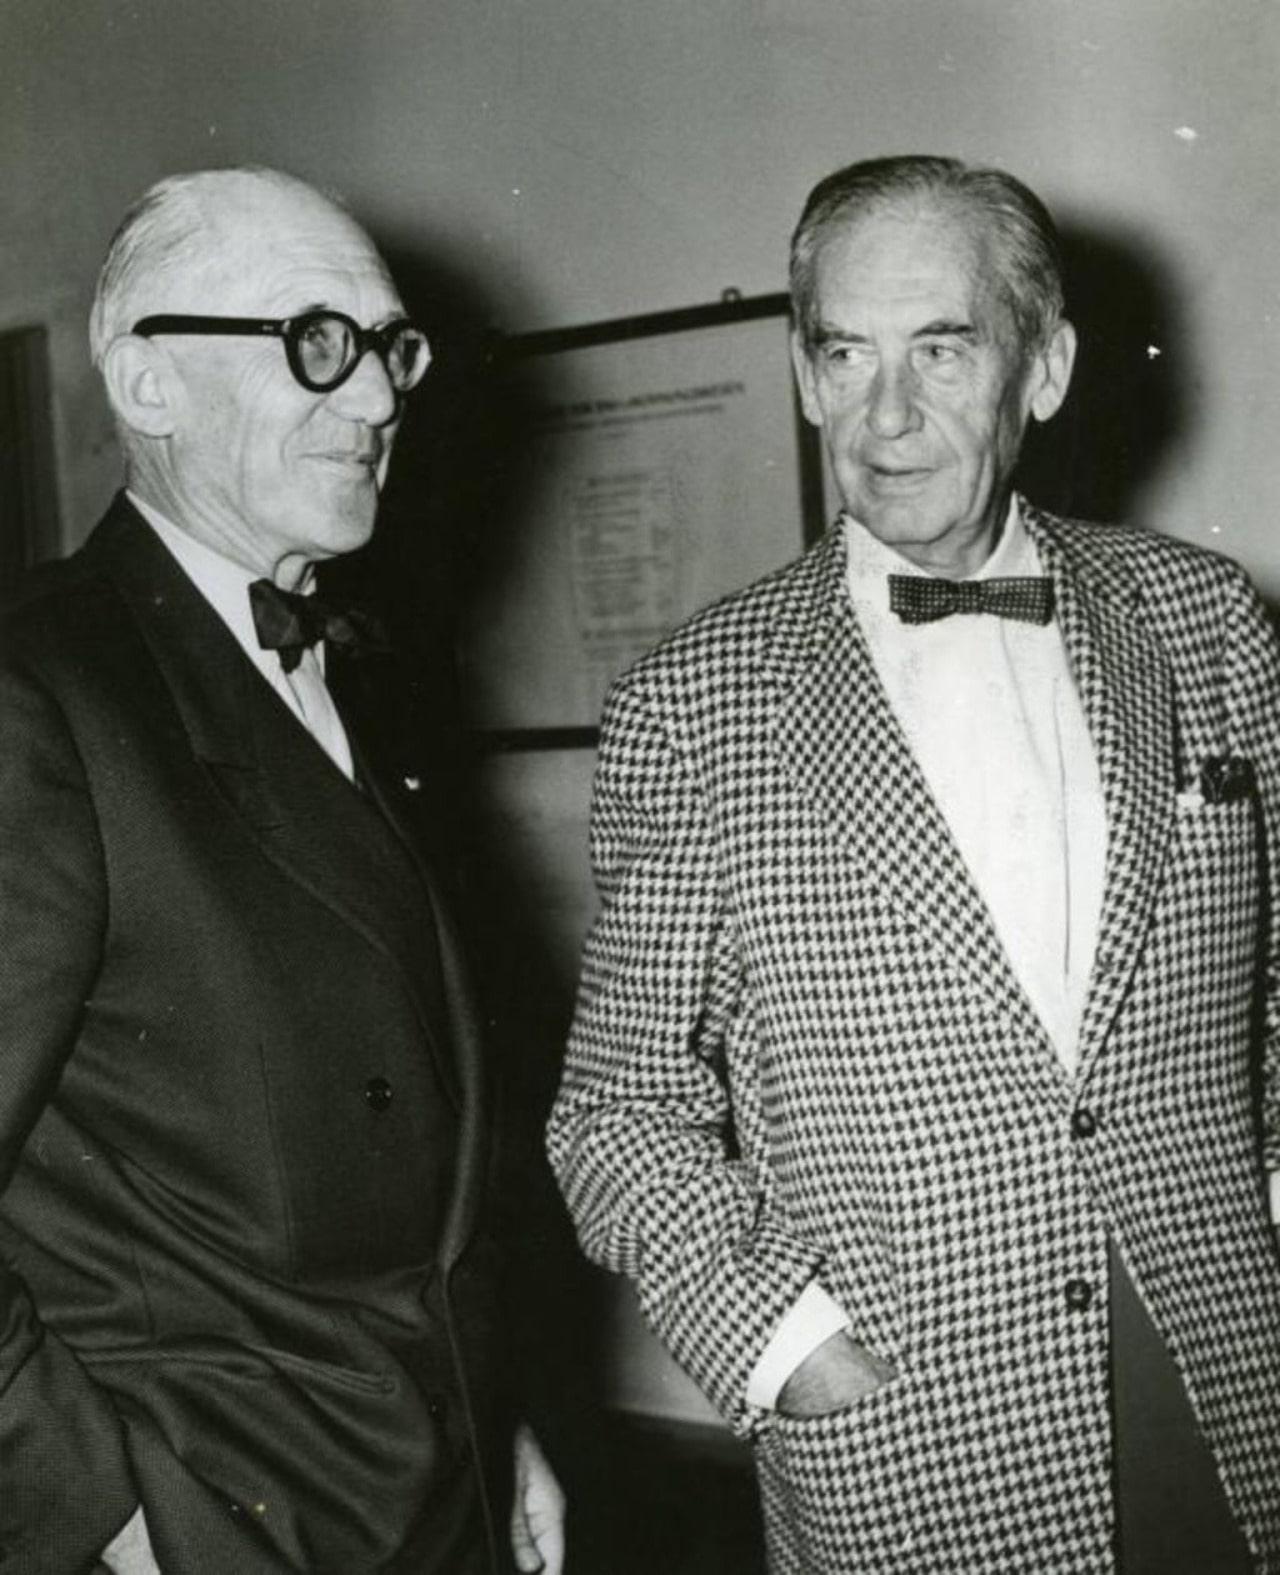 همکاران والتر گروپیوس